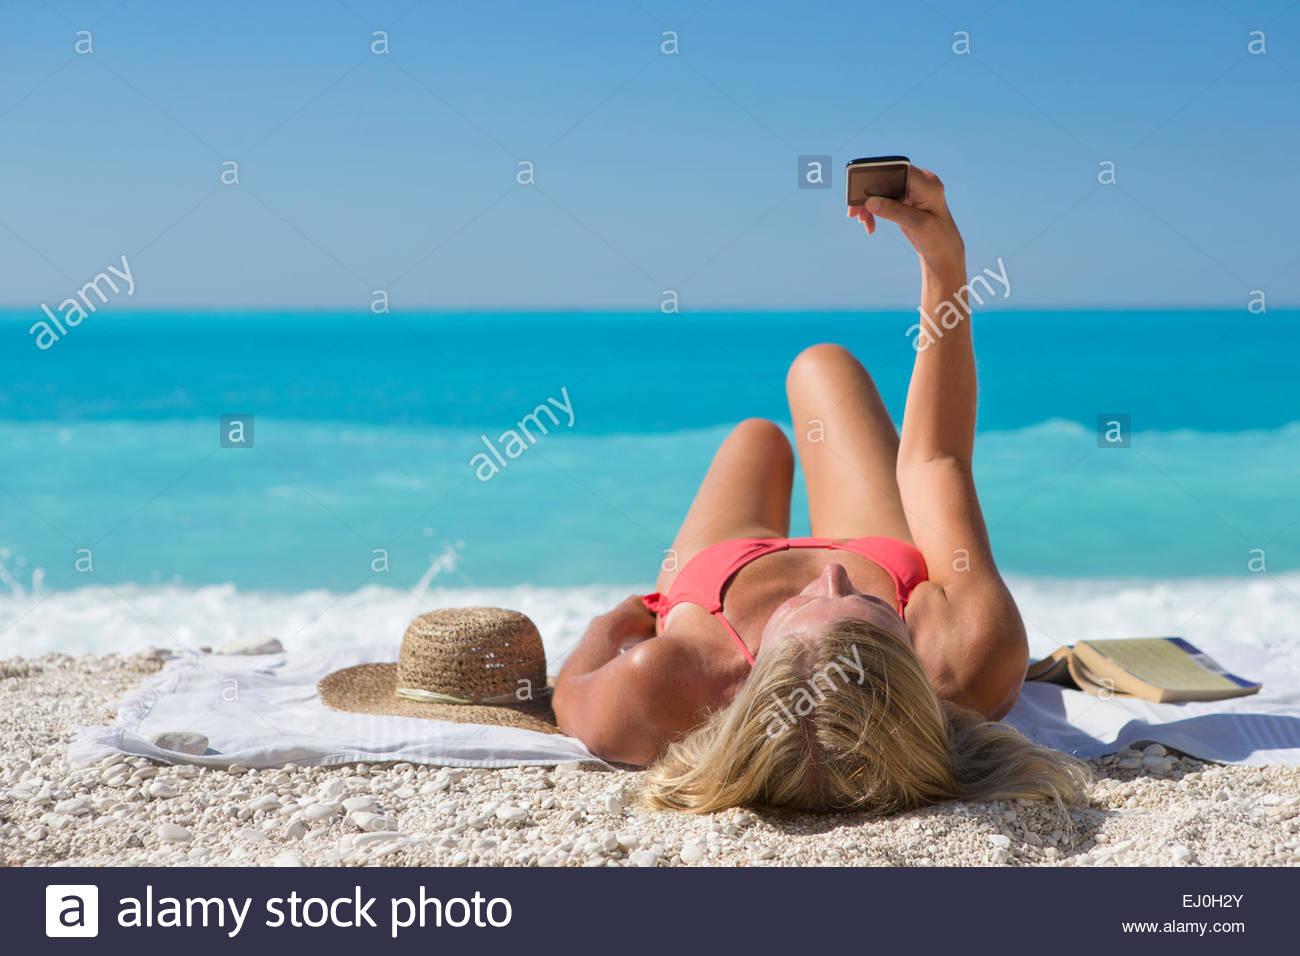 Femme, en tenant une serviette selfies, couché sur le sunny beach Photo Stock